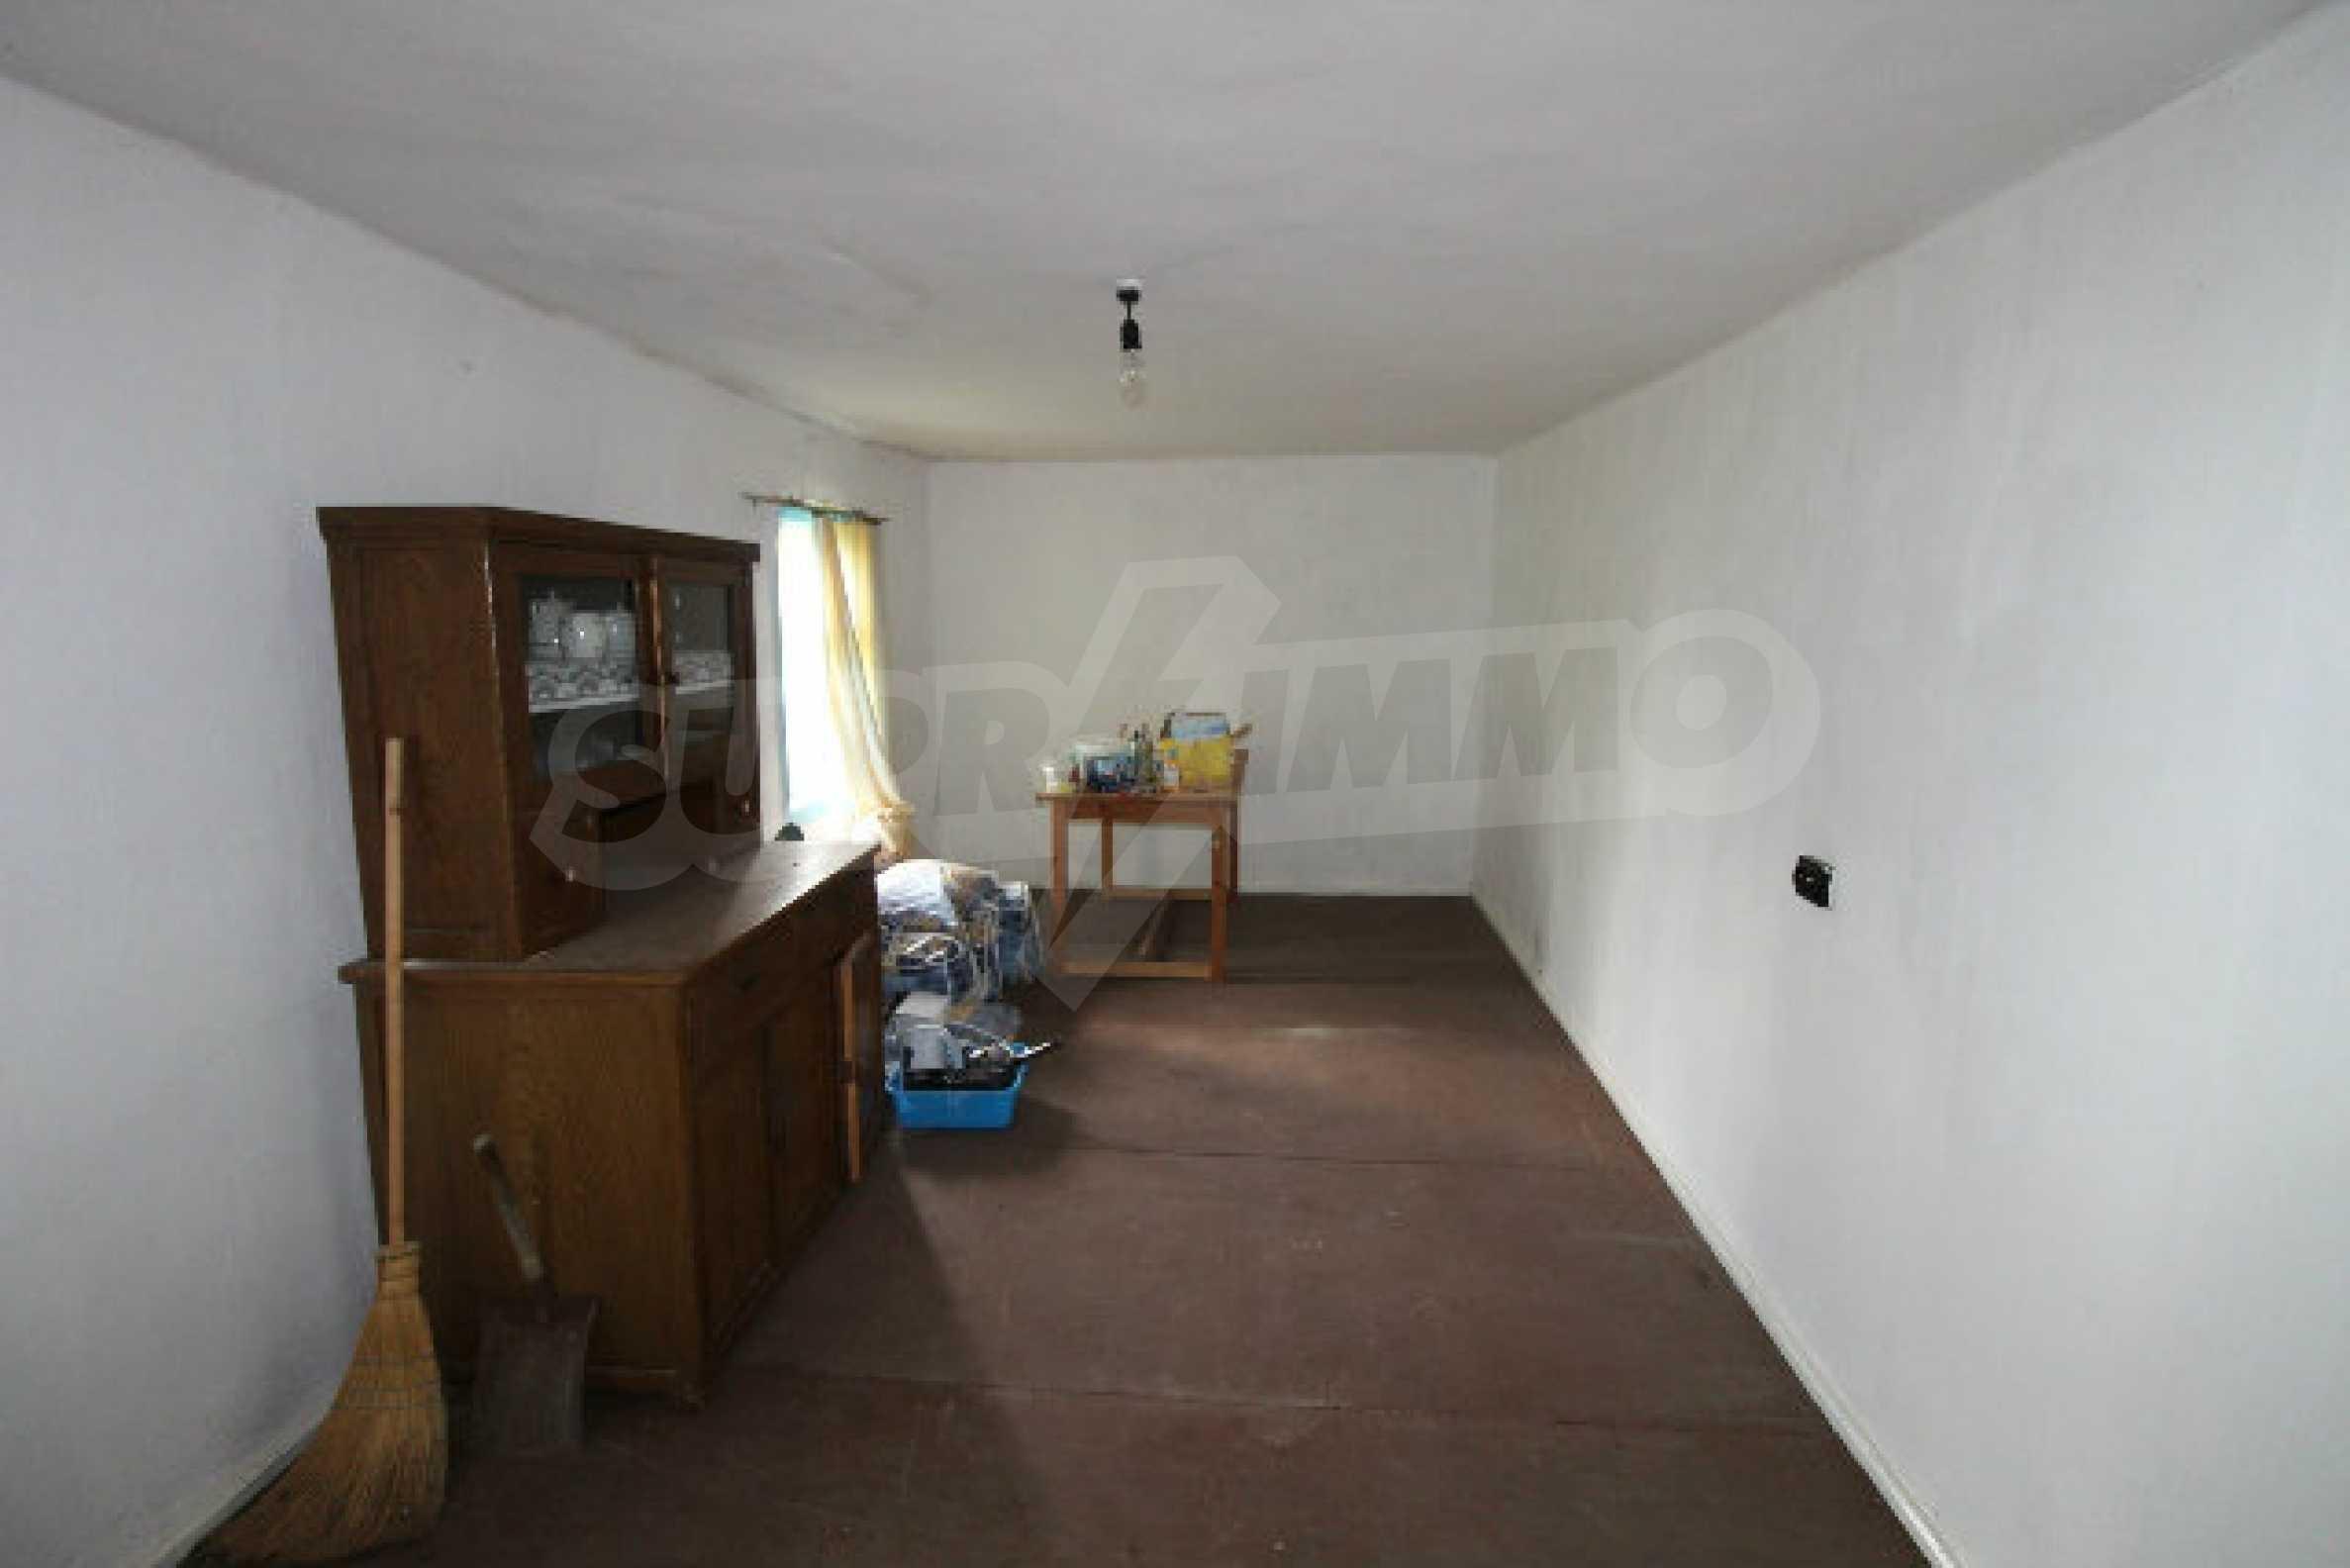 Къща за продажба близо до гр. Велико Търново 58